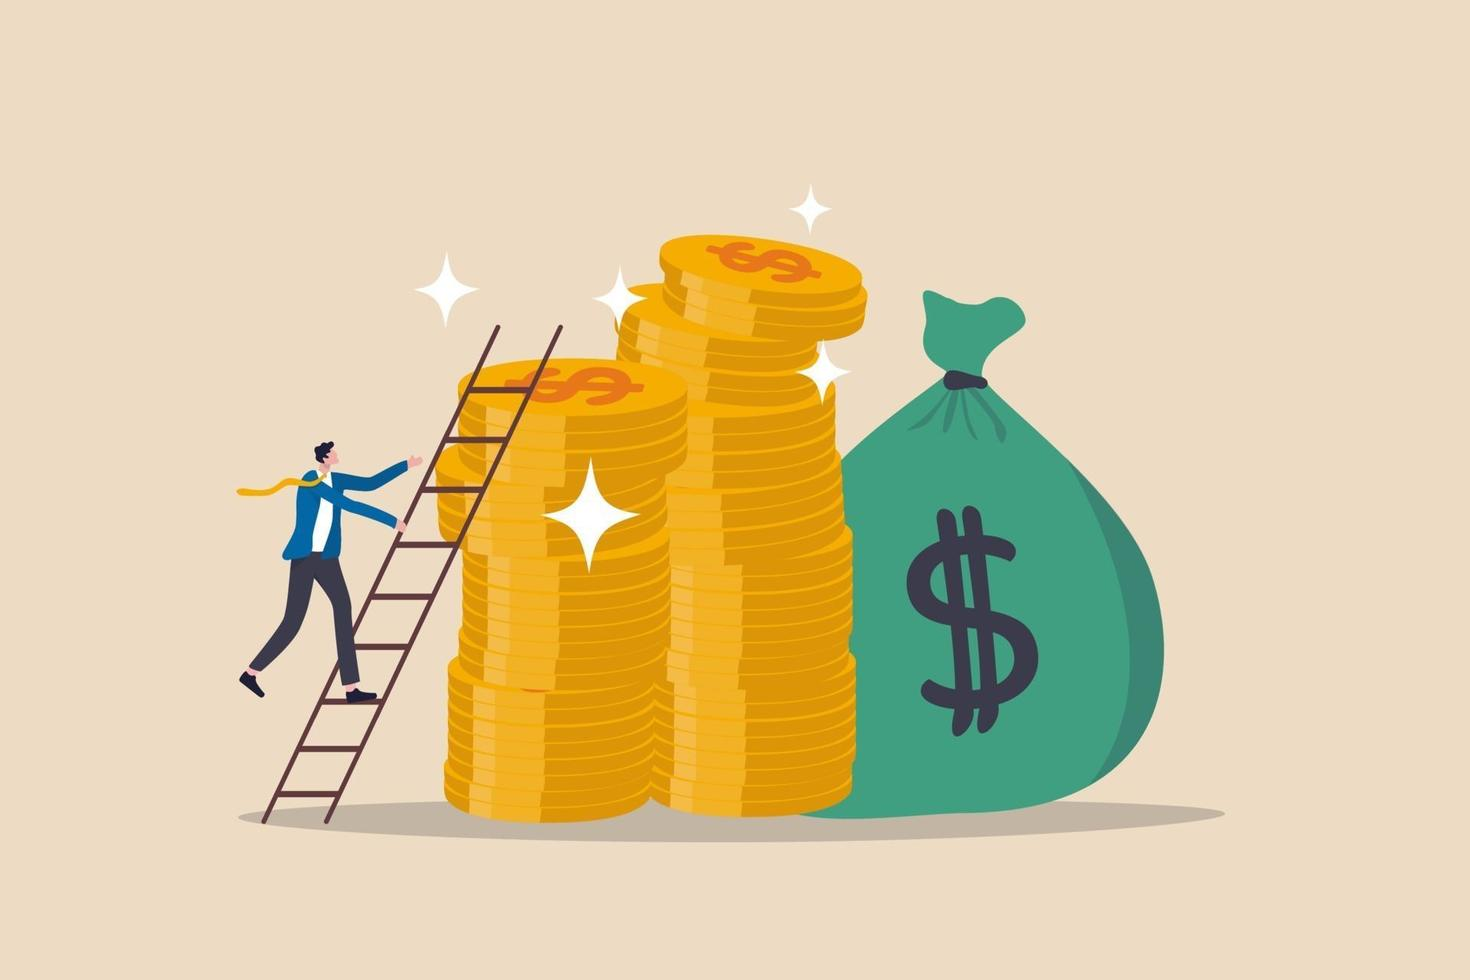 stege av framgång i finansiellt mål, karriärväg inkomstuppnåelse eller investering för pensionskoncept, ung affärsman som klättrar upp stegen till toppen av bunten med myntrika och rika mål. vektor